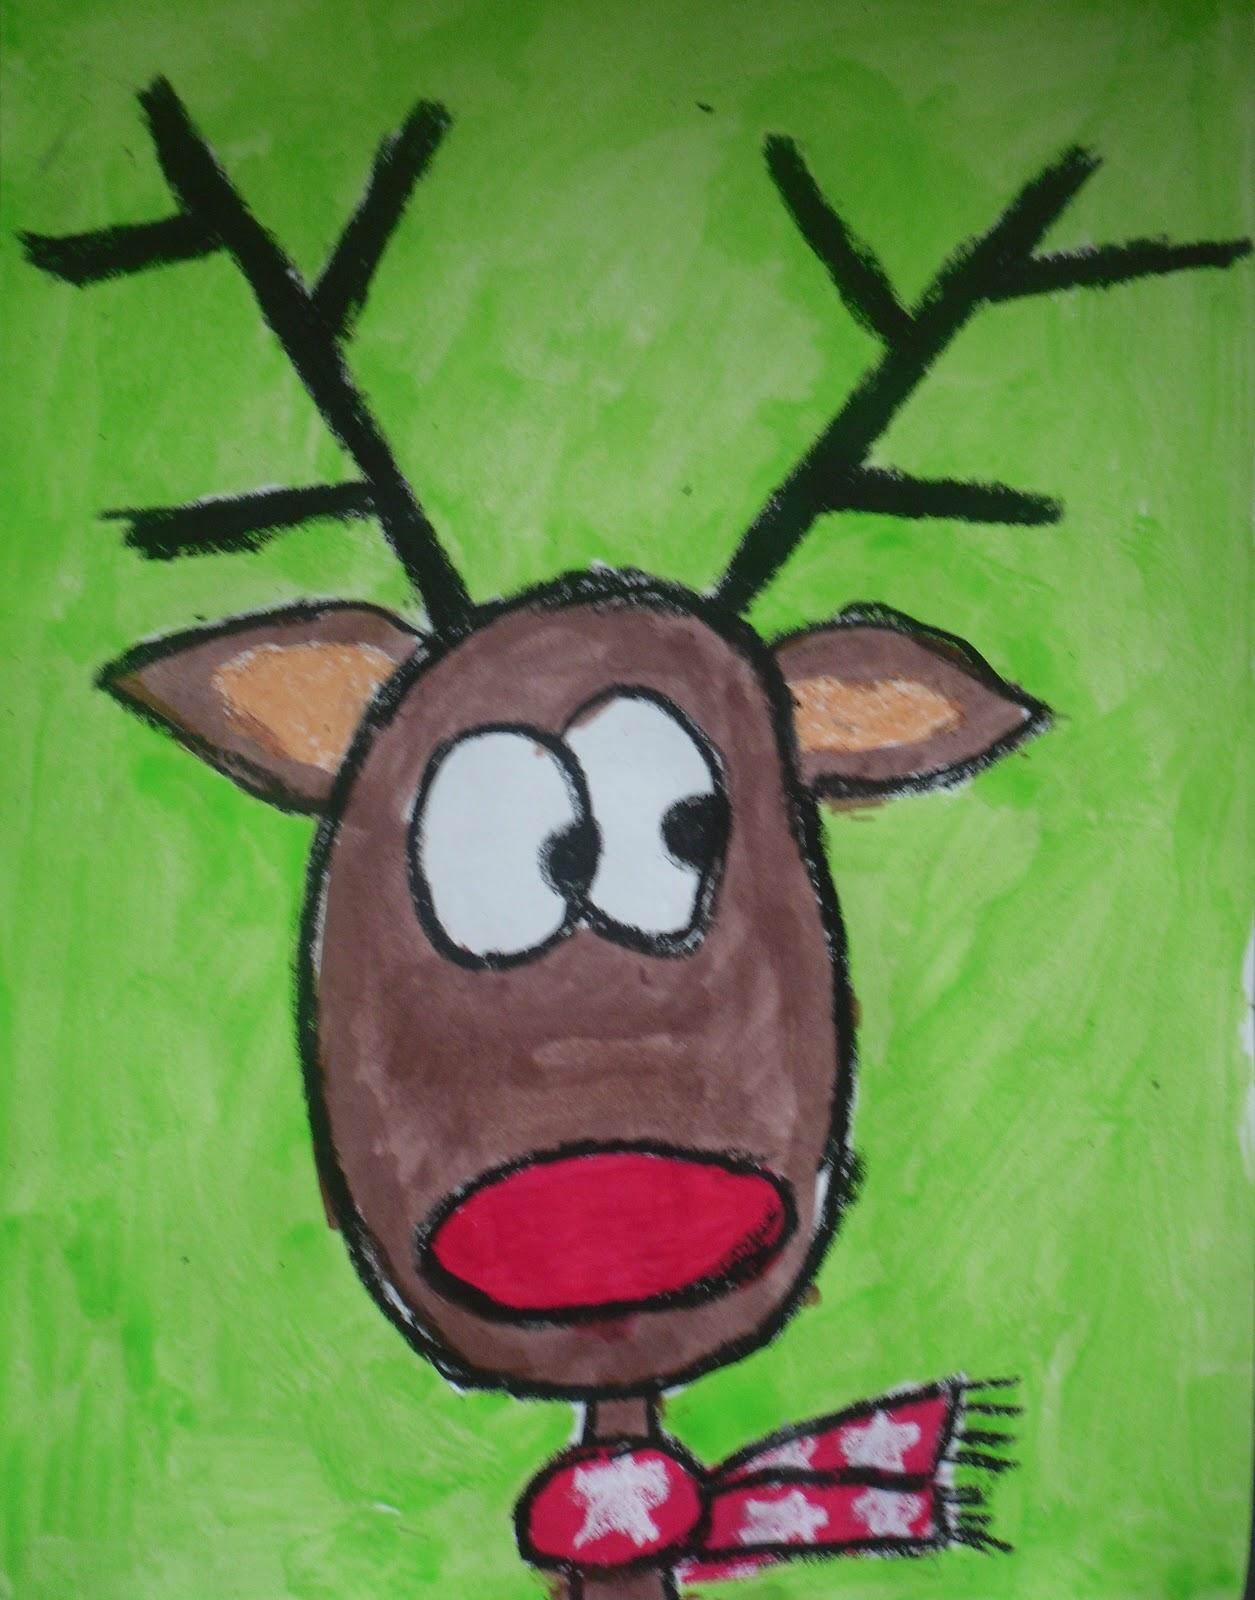 Drawn reindeer step by step Reindeer ARTventurous: Portraits Reindeer Portraits